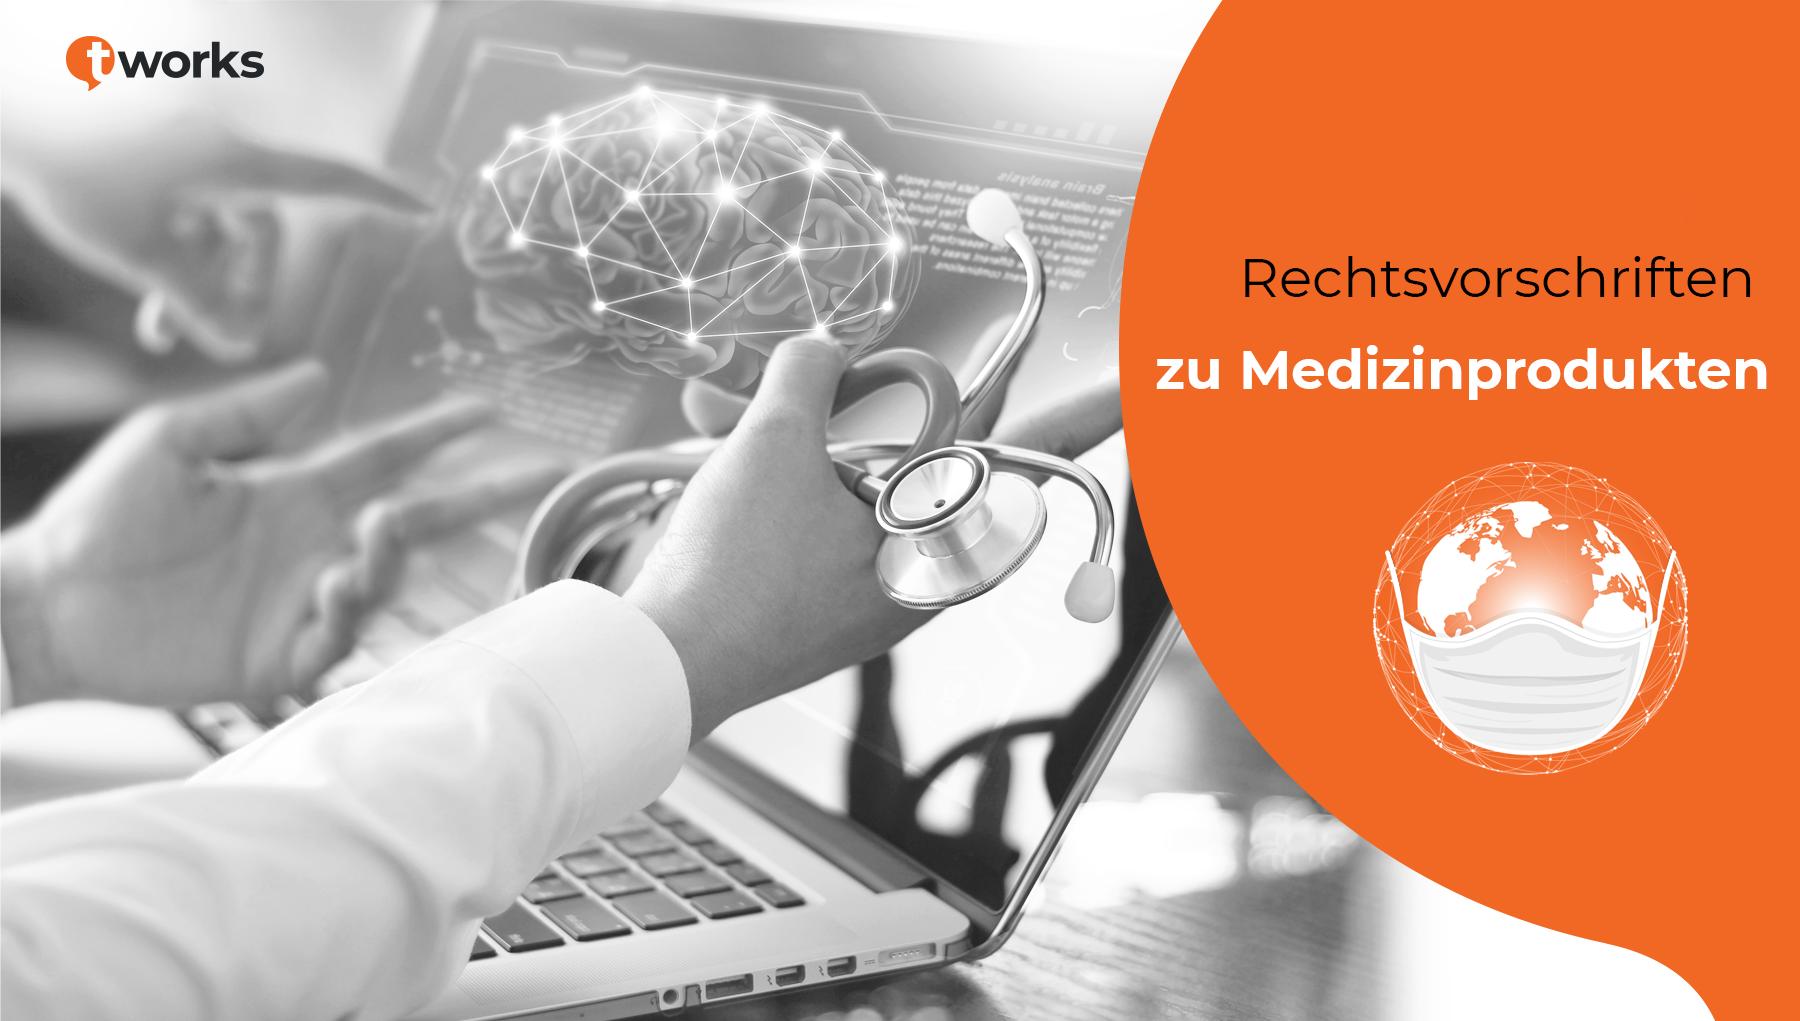 Rechtsvorschriften zu Medizinprodukte in der medizinoschen Übersetzung bei t'works